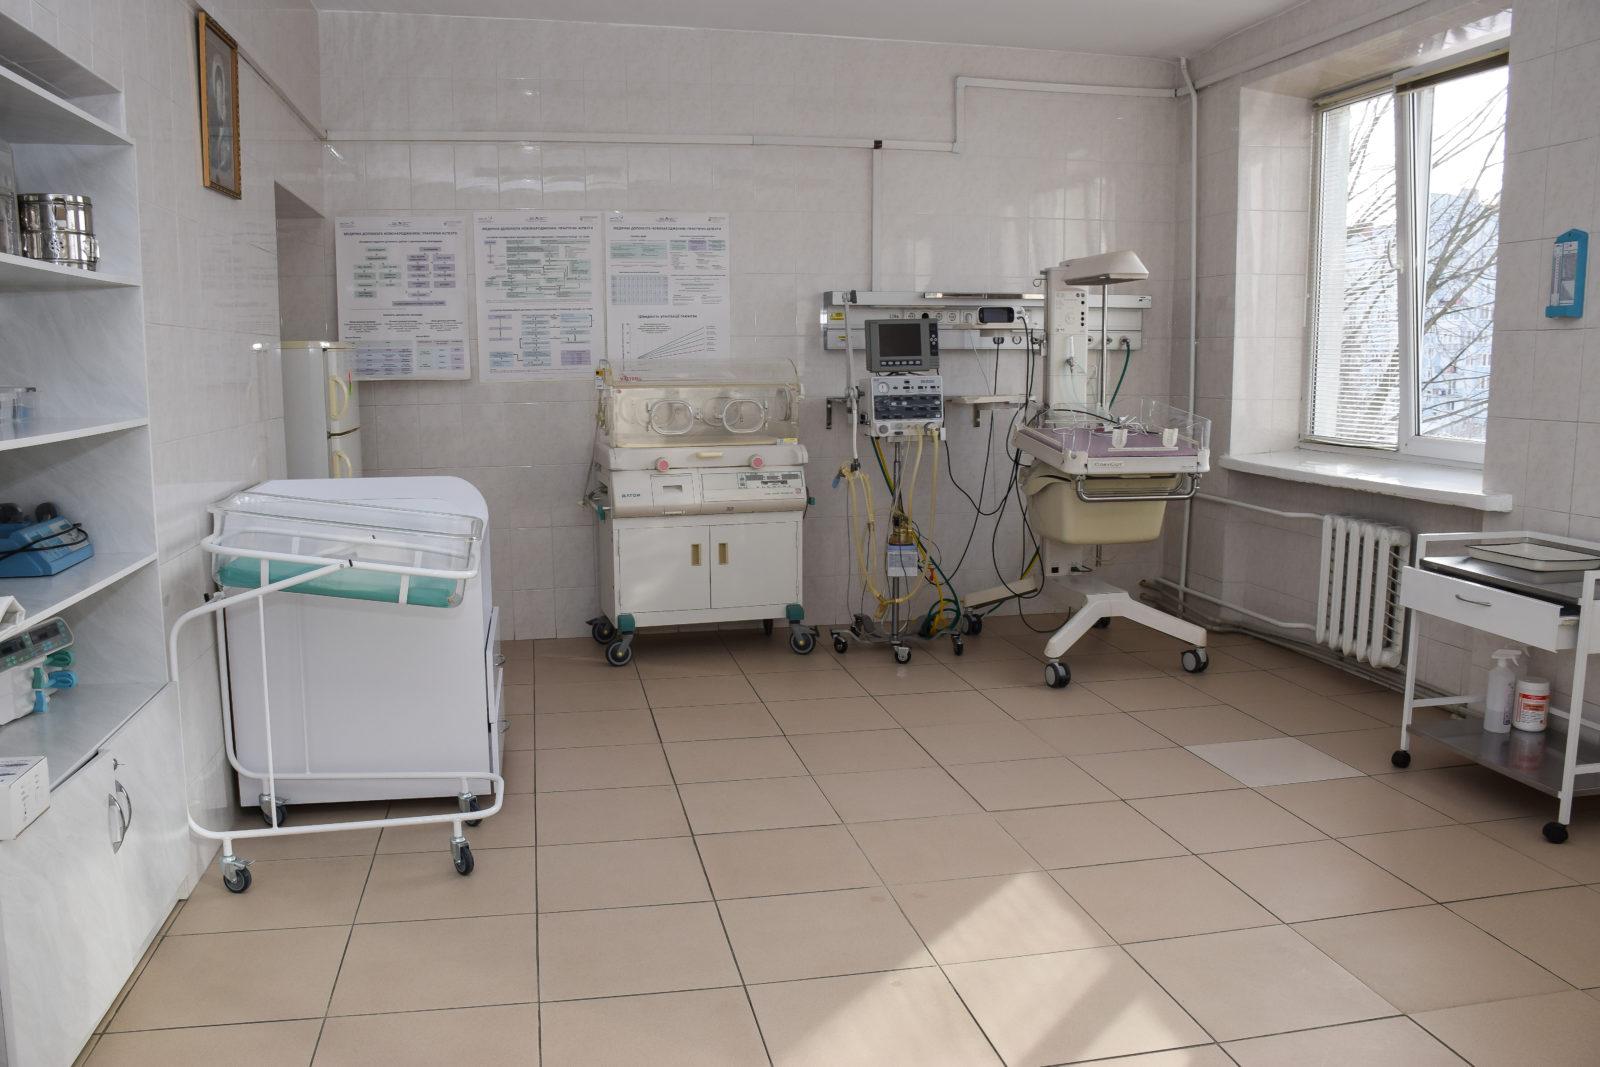 Франківський перинатальний центр поповнився обладнанням для новонароджених (ФОТО)